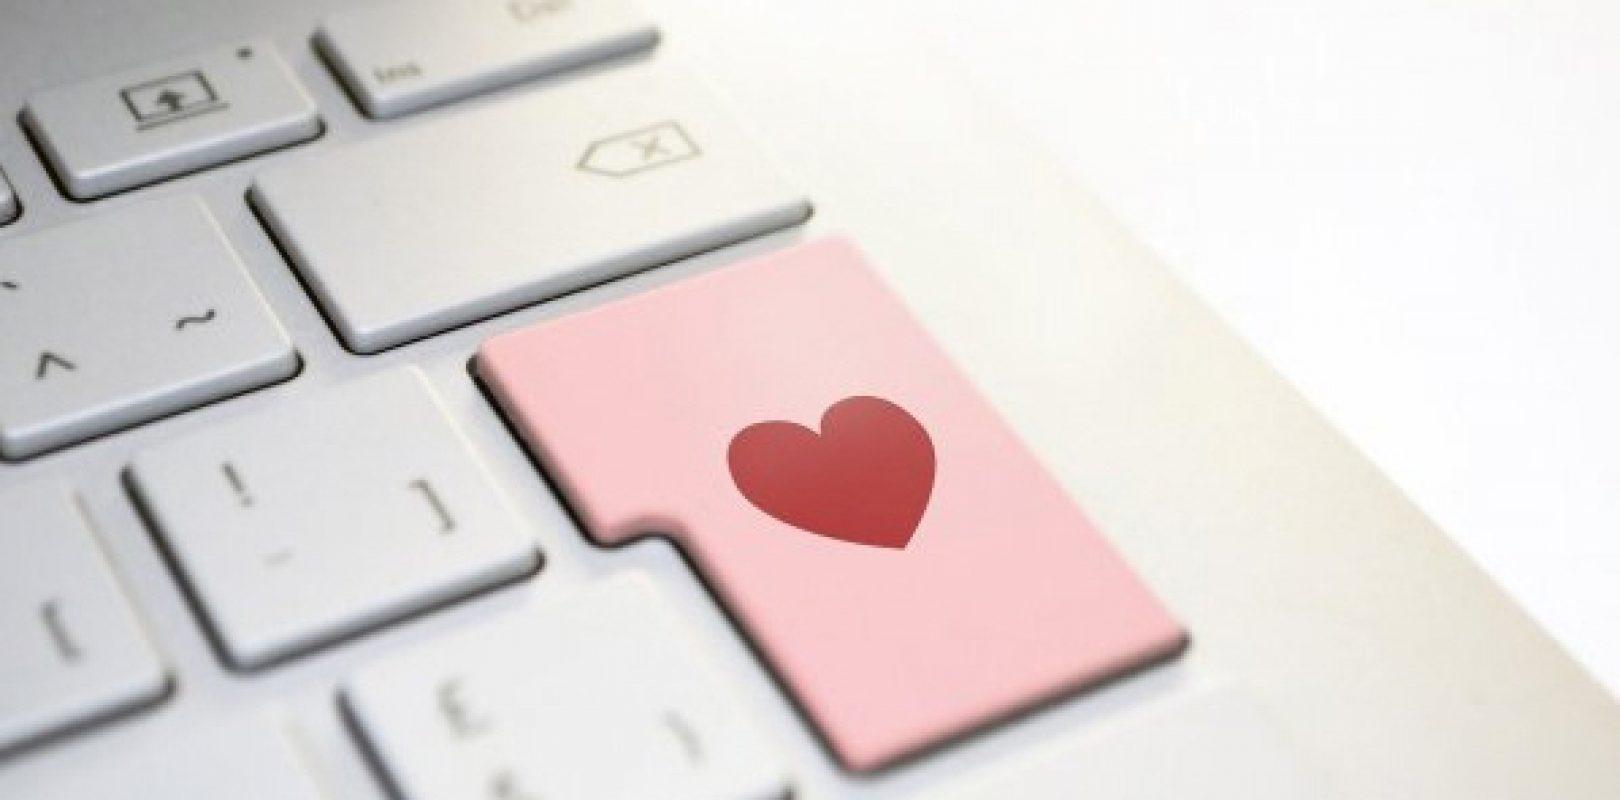 Online partnervermittlung kritik